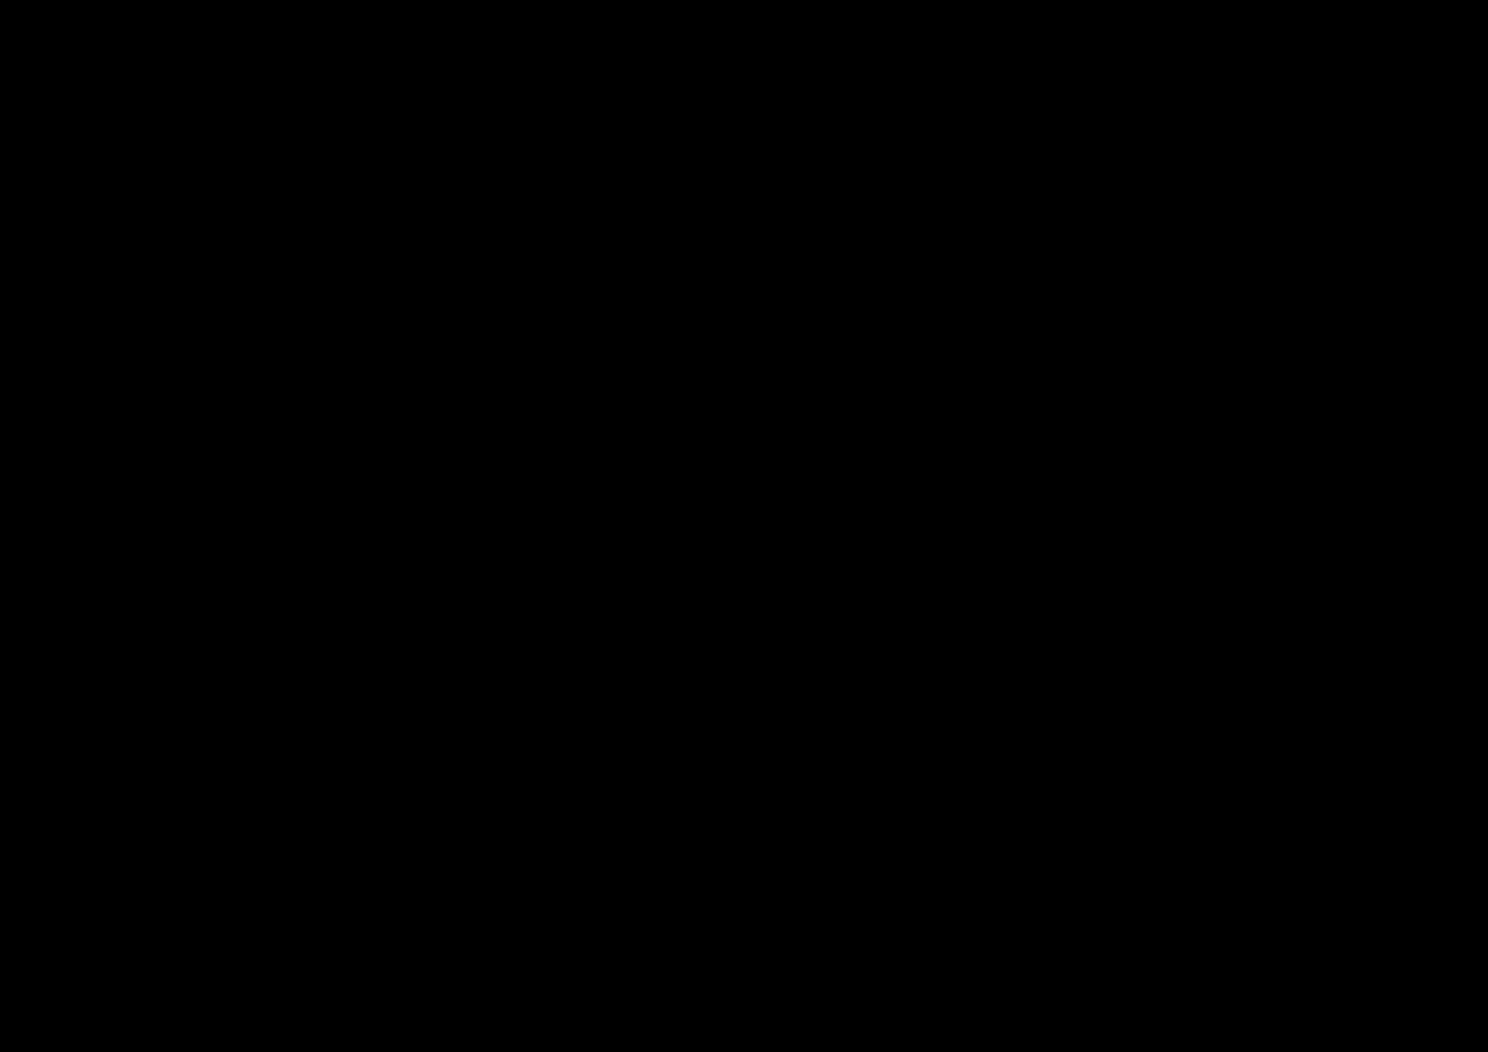 王座竿ケースハンガー図面